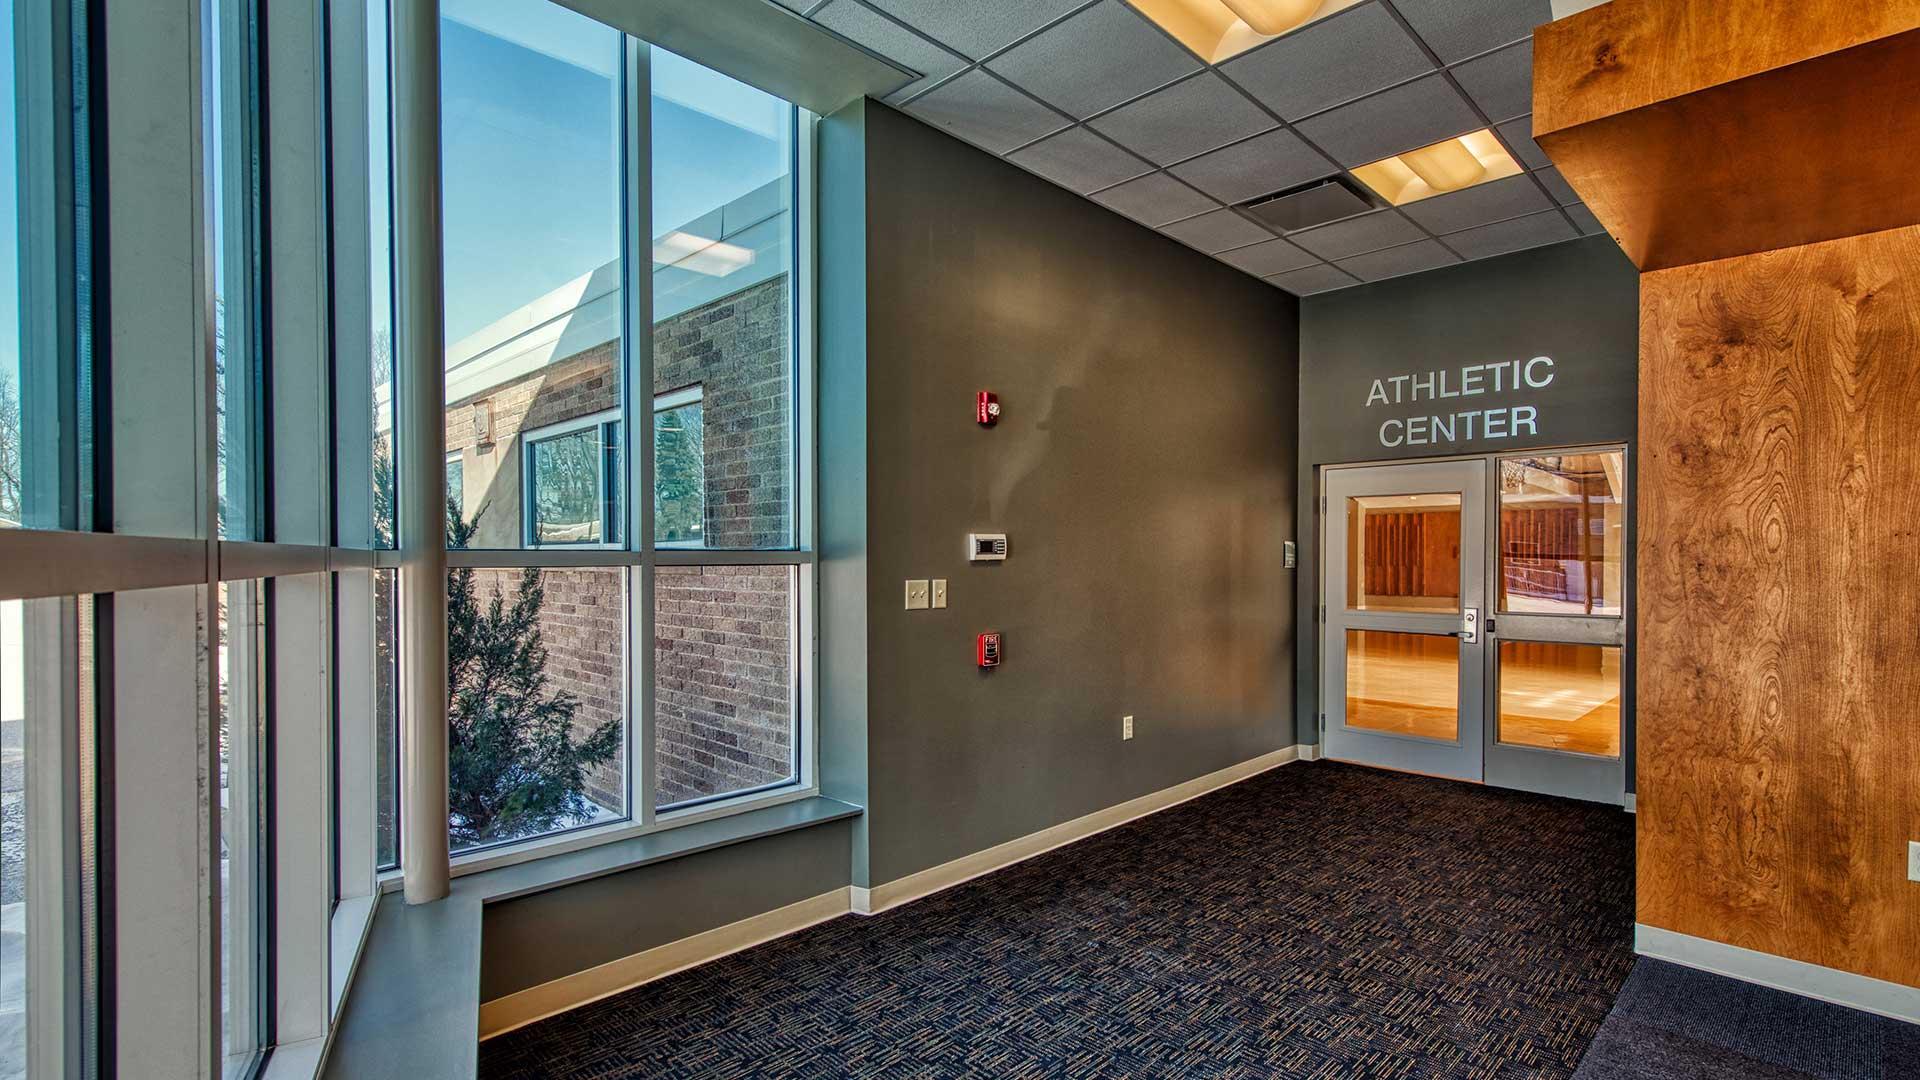 athleticcenter-11.jpg